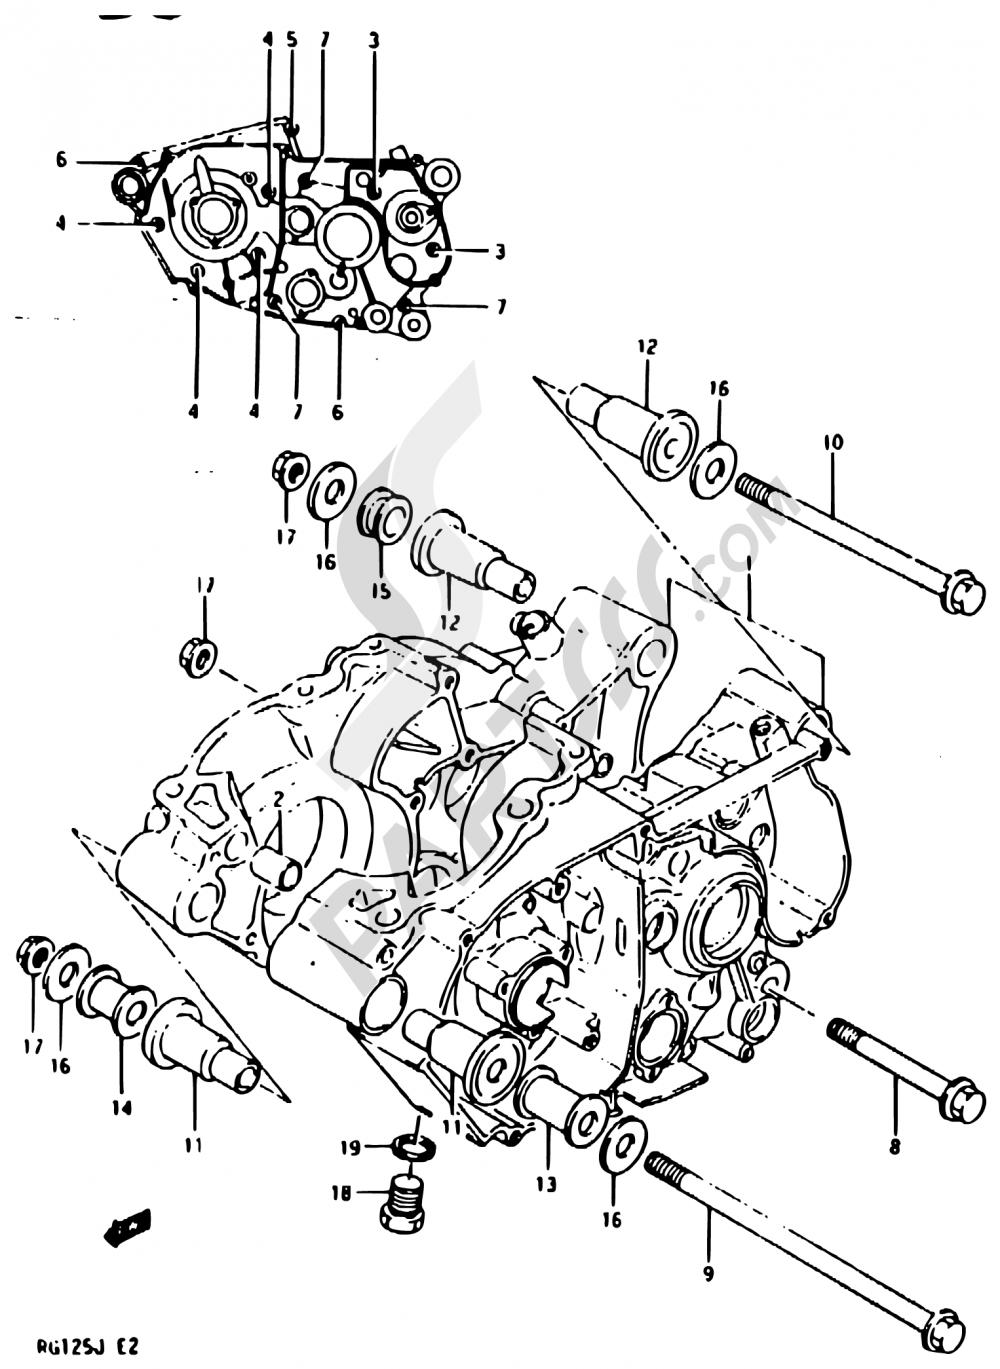 2 - CRANKCASE Suzuki RG125 1988